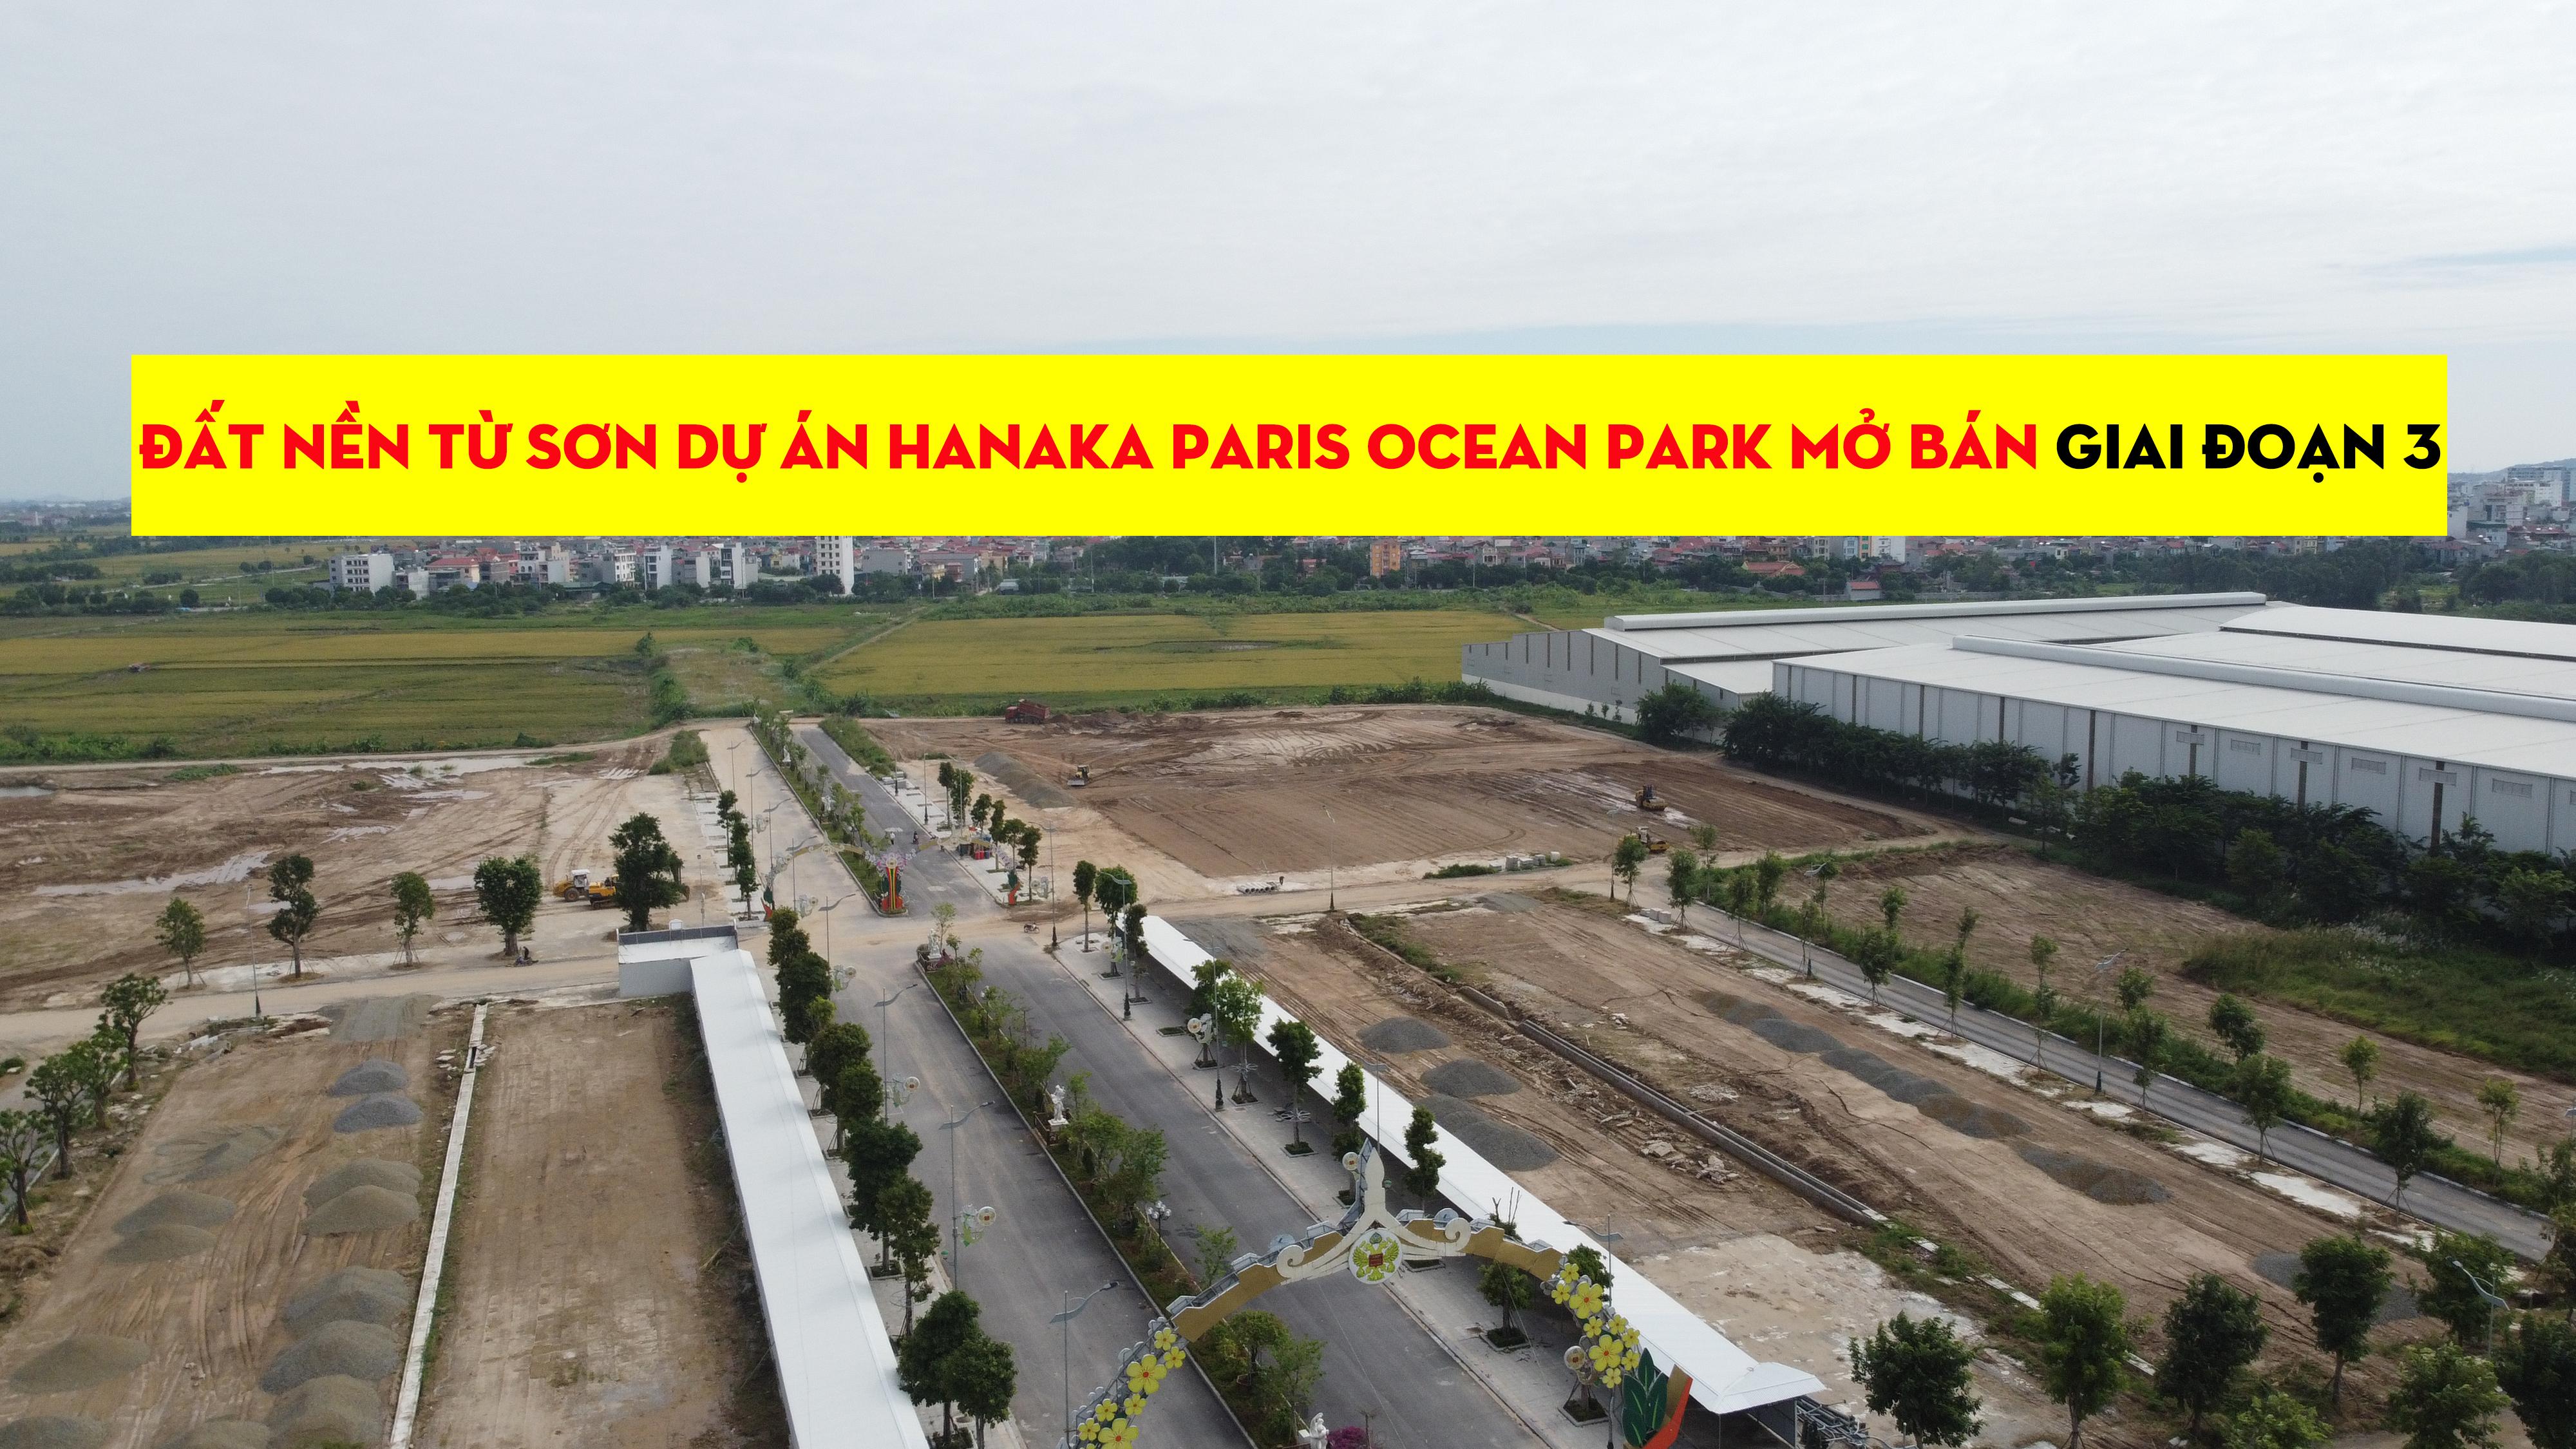 hanaka-paris-ocean-park